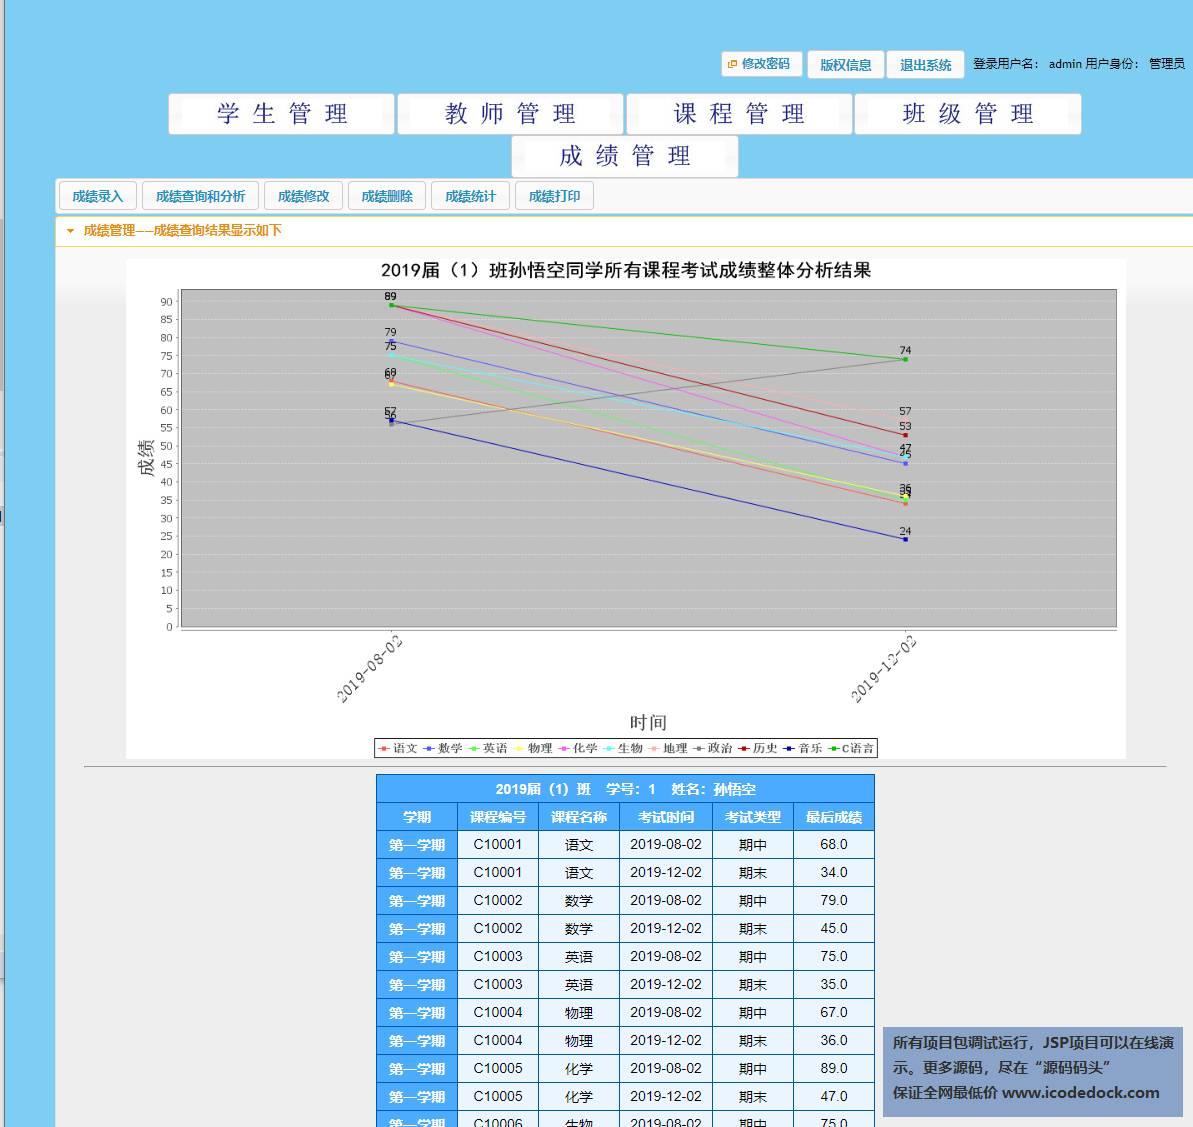 源码码头-Spring学生成绩分析管理系统-管理员角色-分析孙悟空的成绩